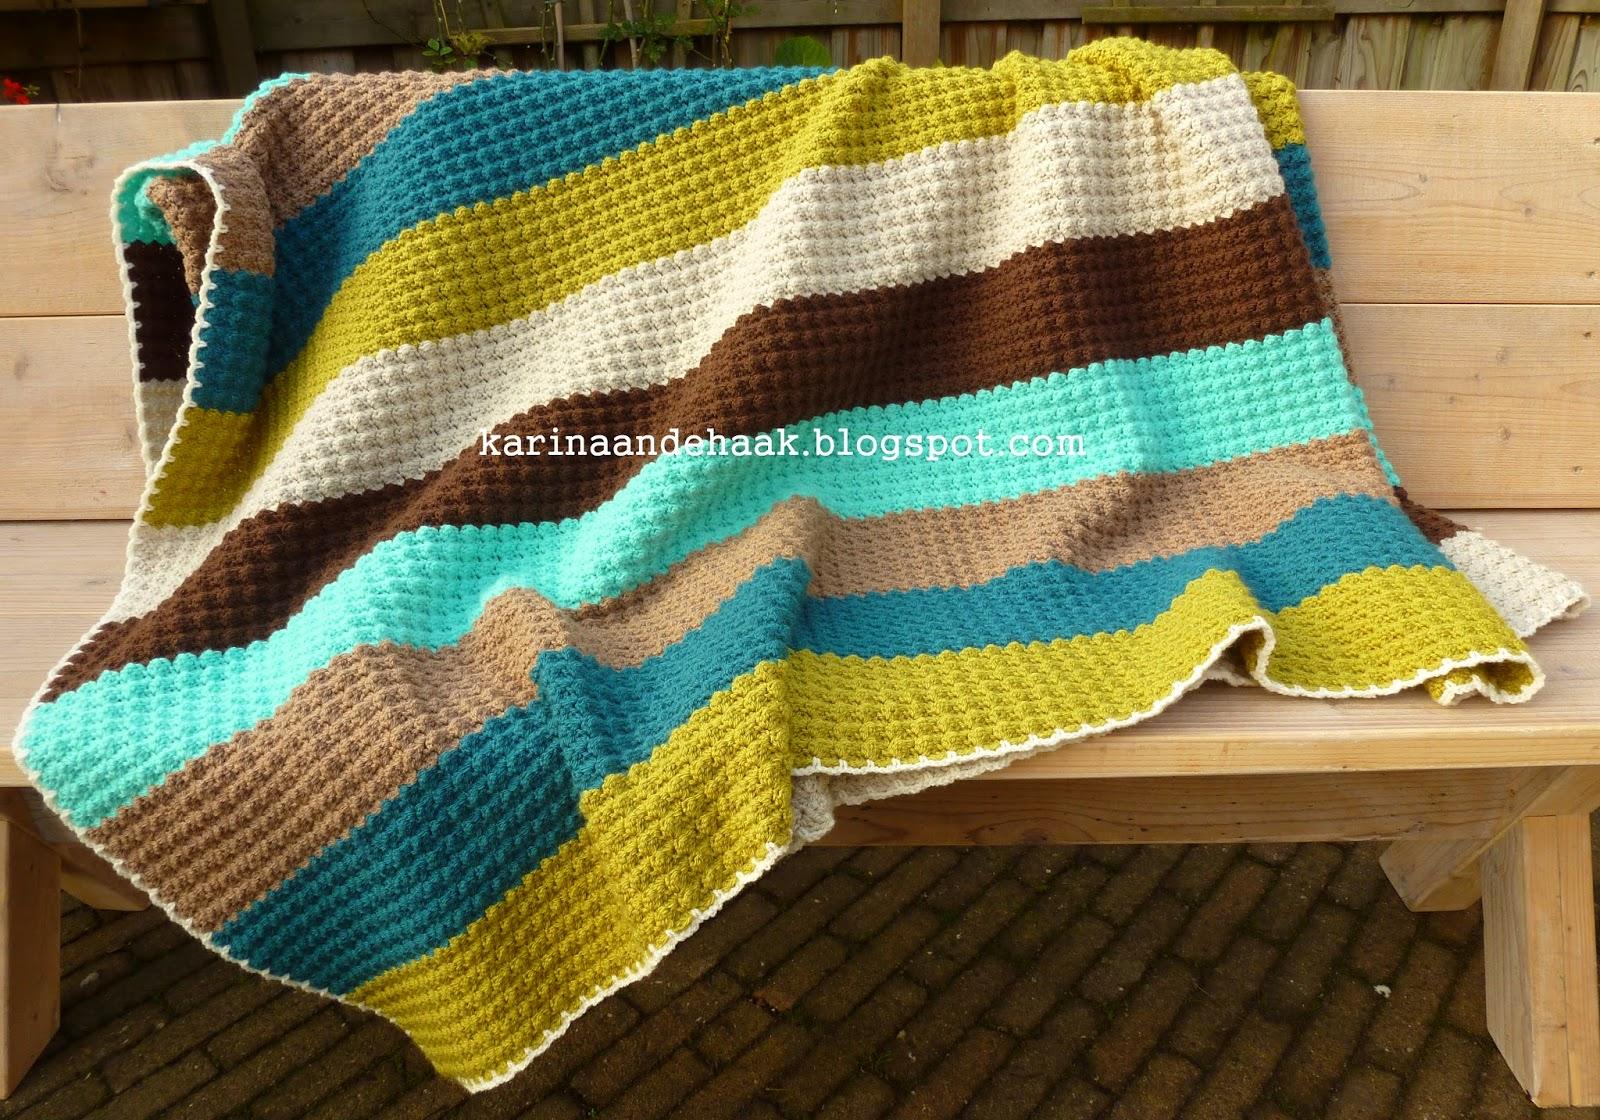 Welp Dikke gehaakte retro deken met patroon | Karin aan de haak OO-66